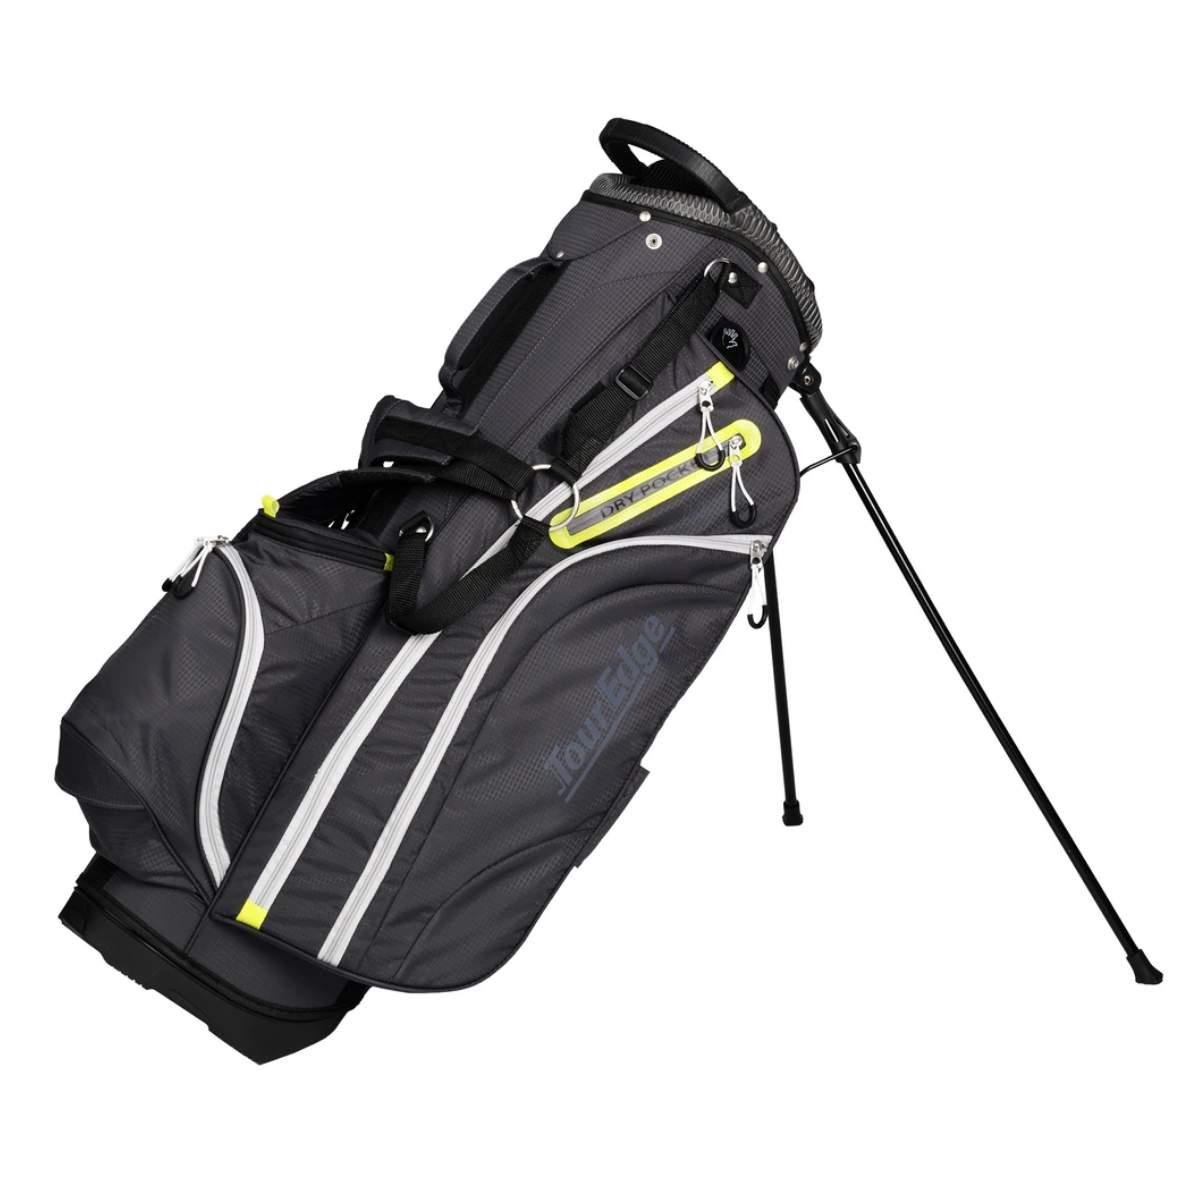 Tour Edge HL4 Series Stand Bag